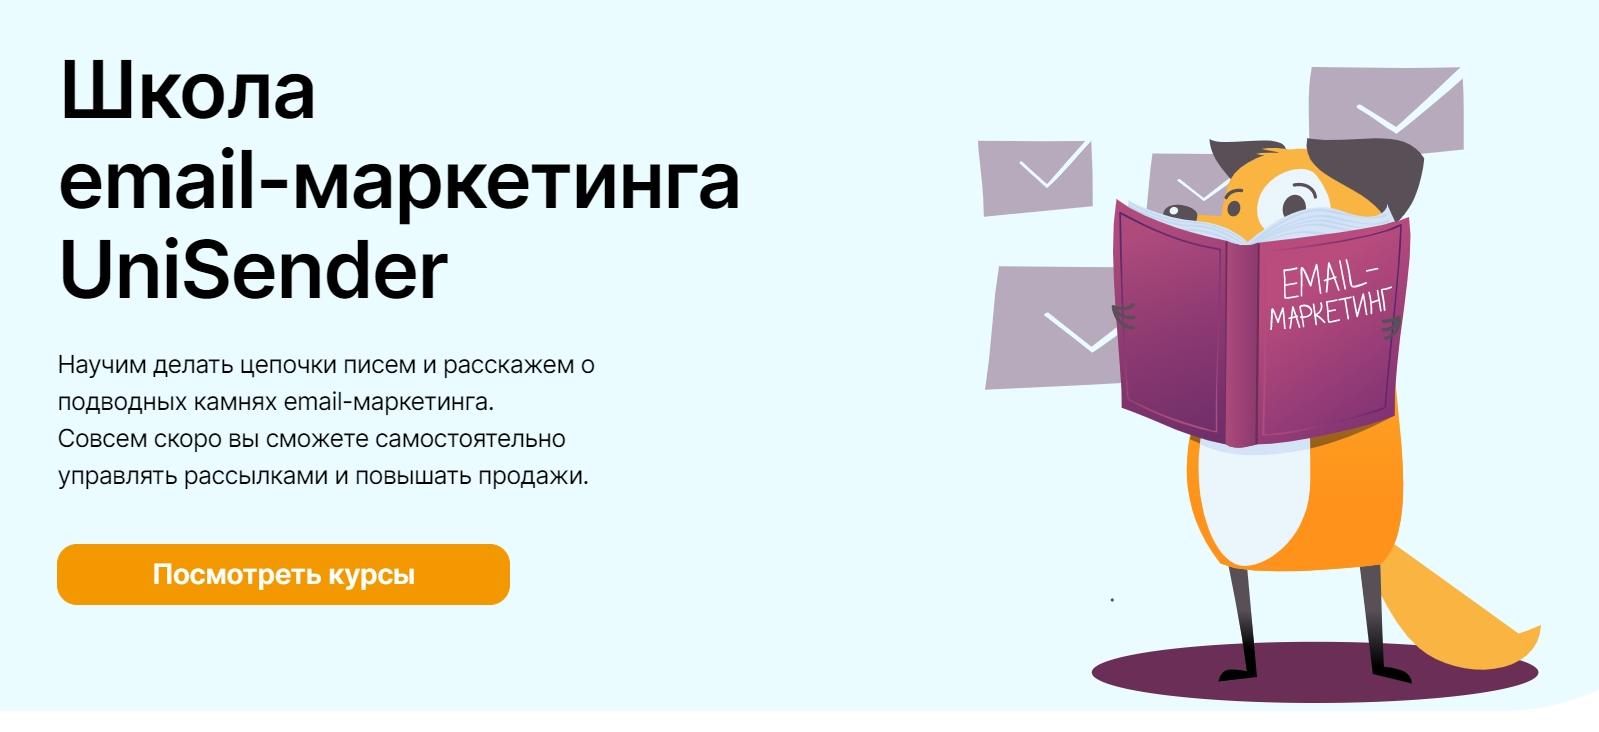 Школа email-маркетинга UniSender